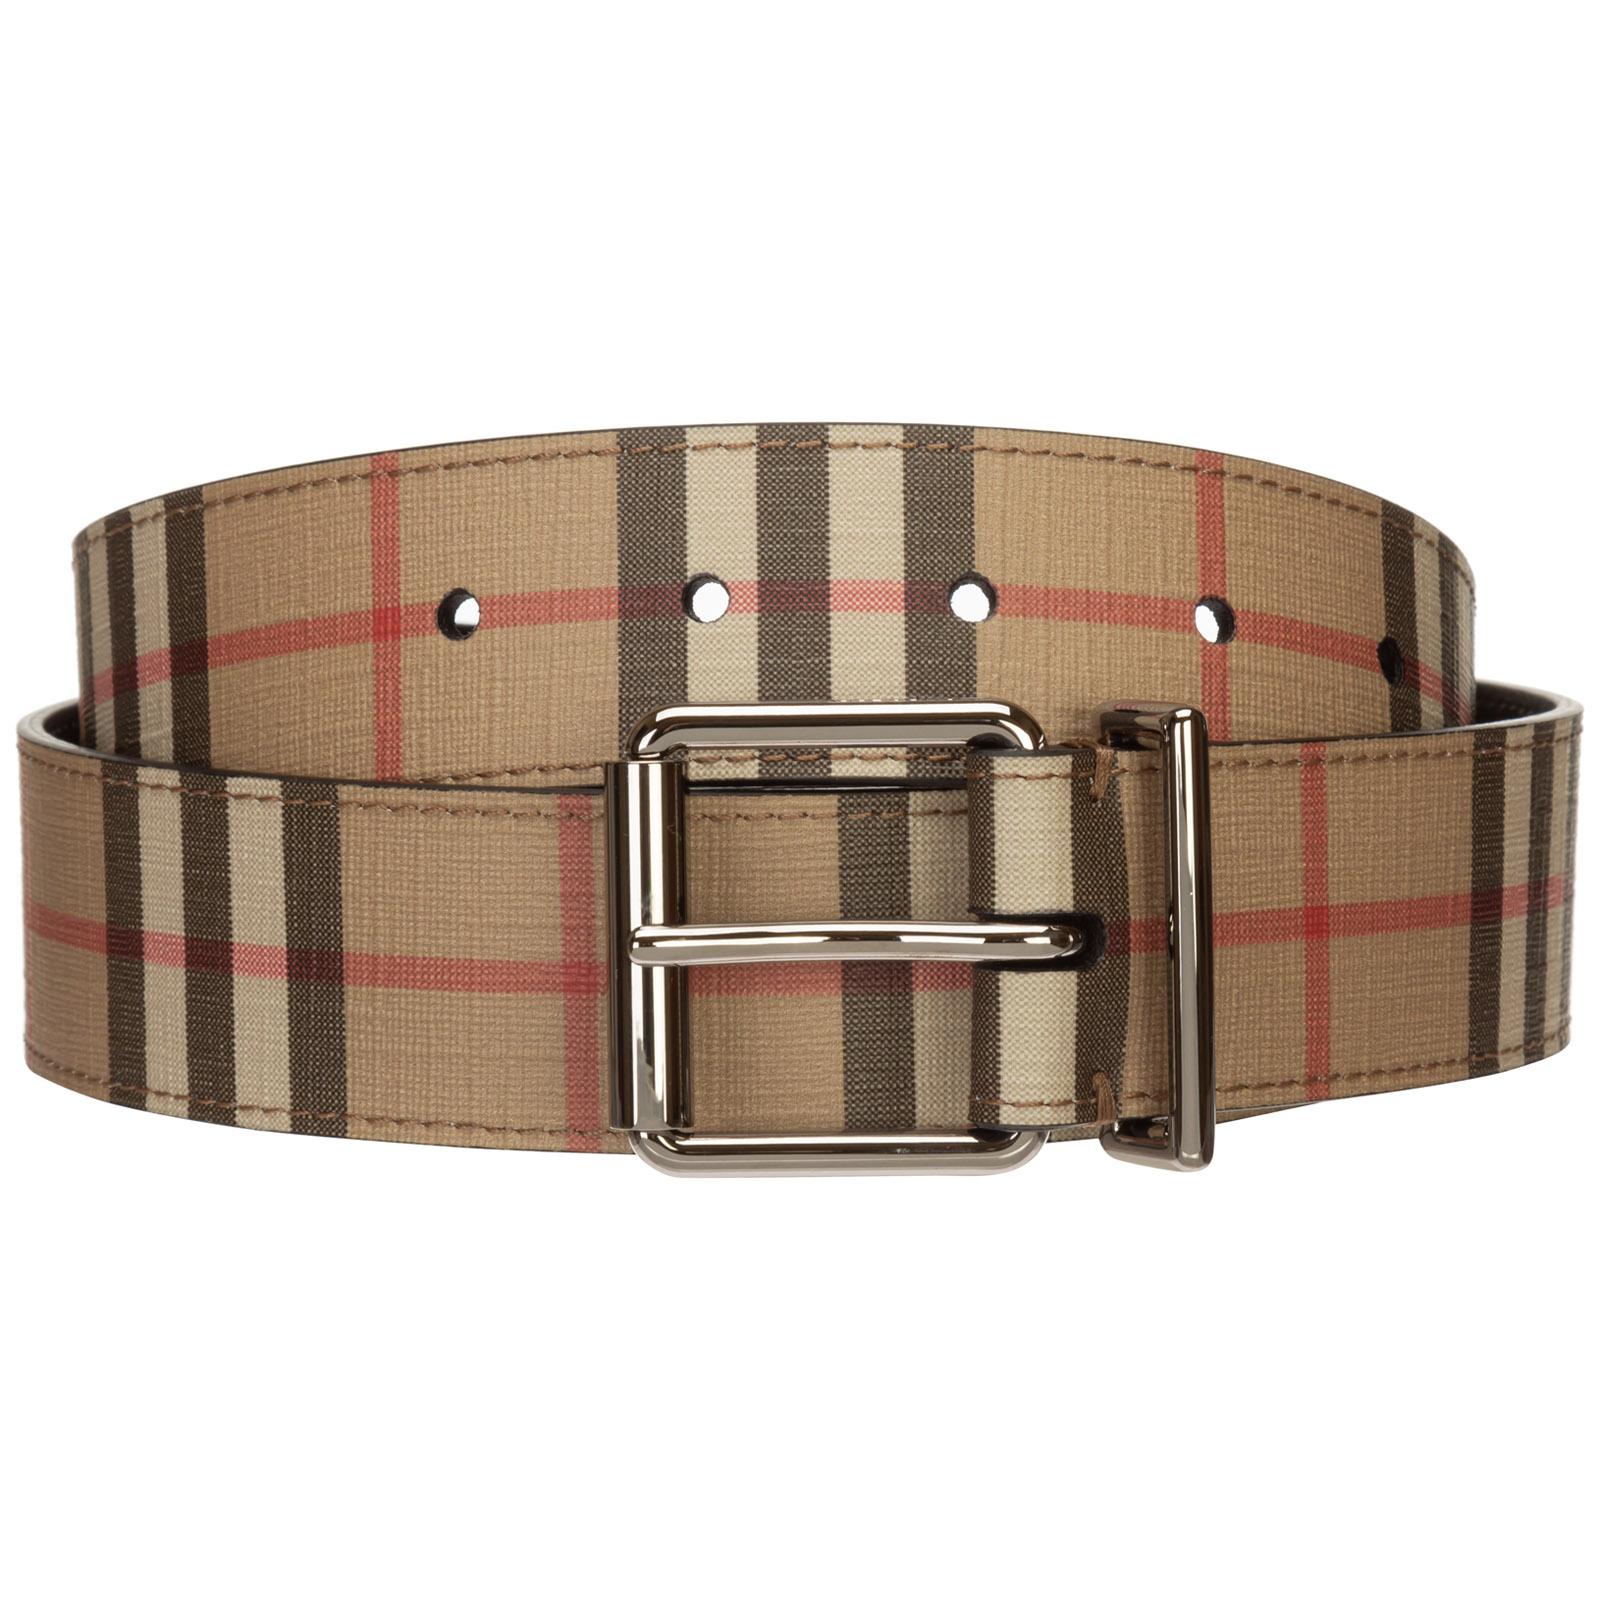 Cintura Burberry 8024184 1 beige | FRMODA.com